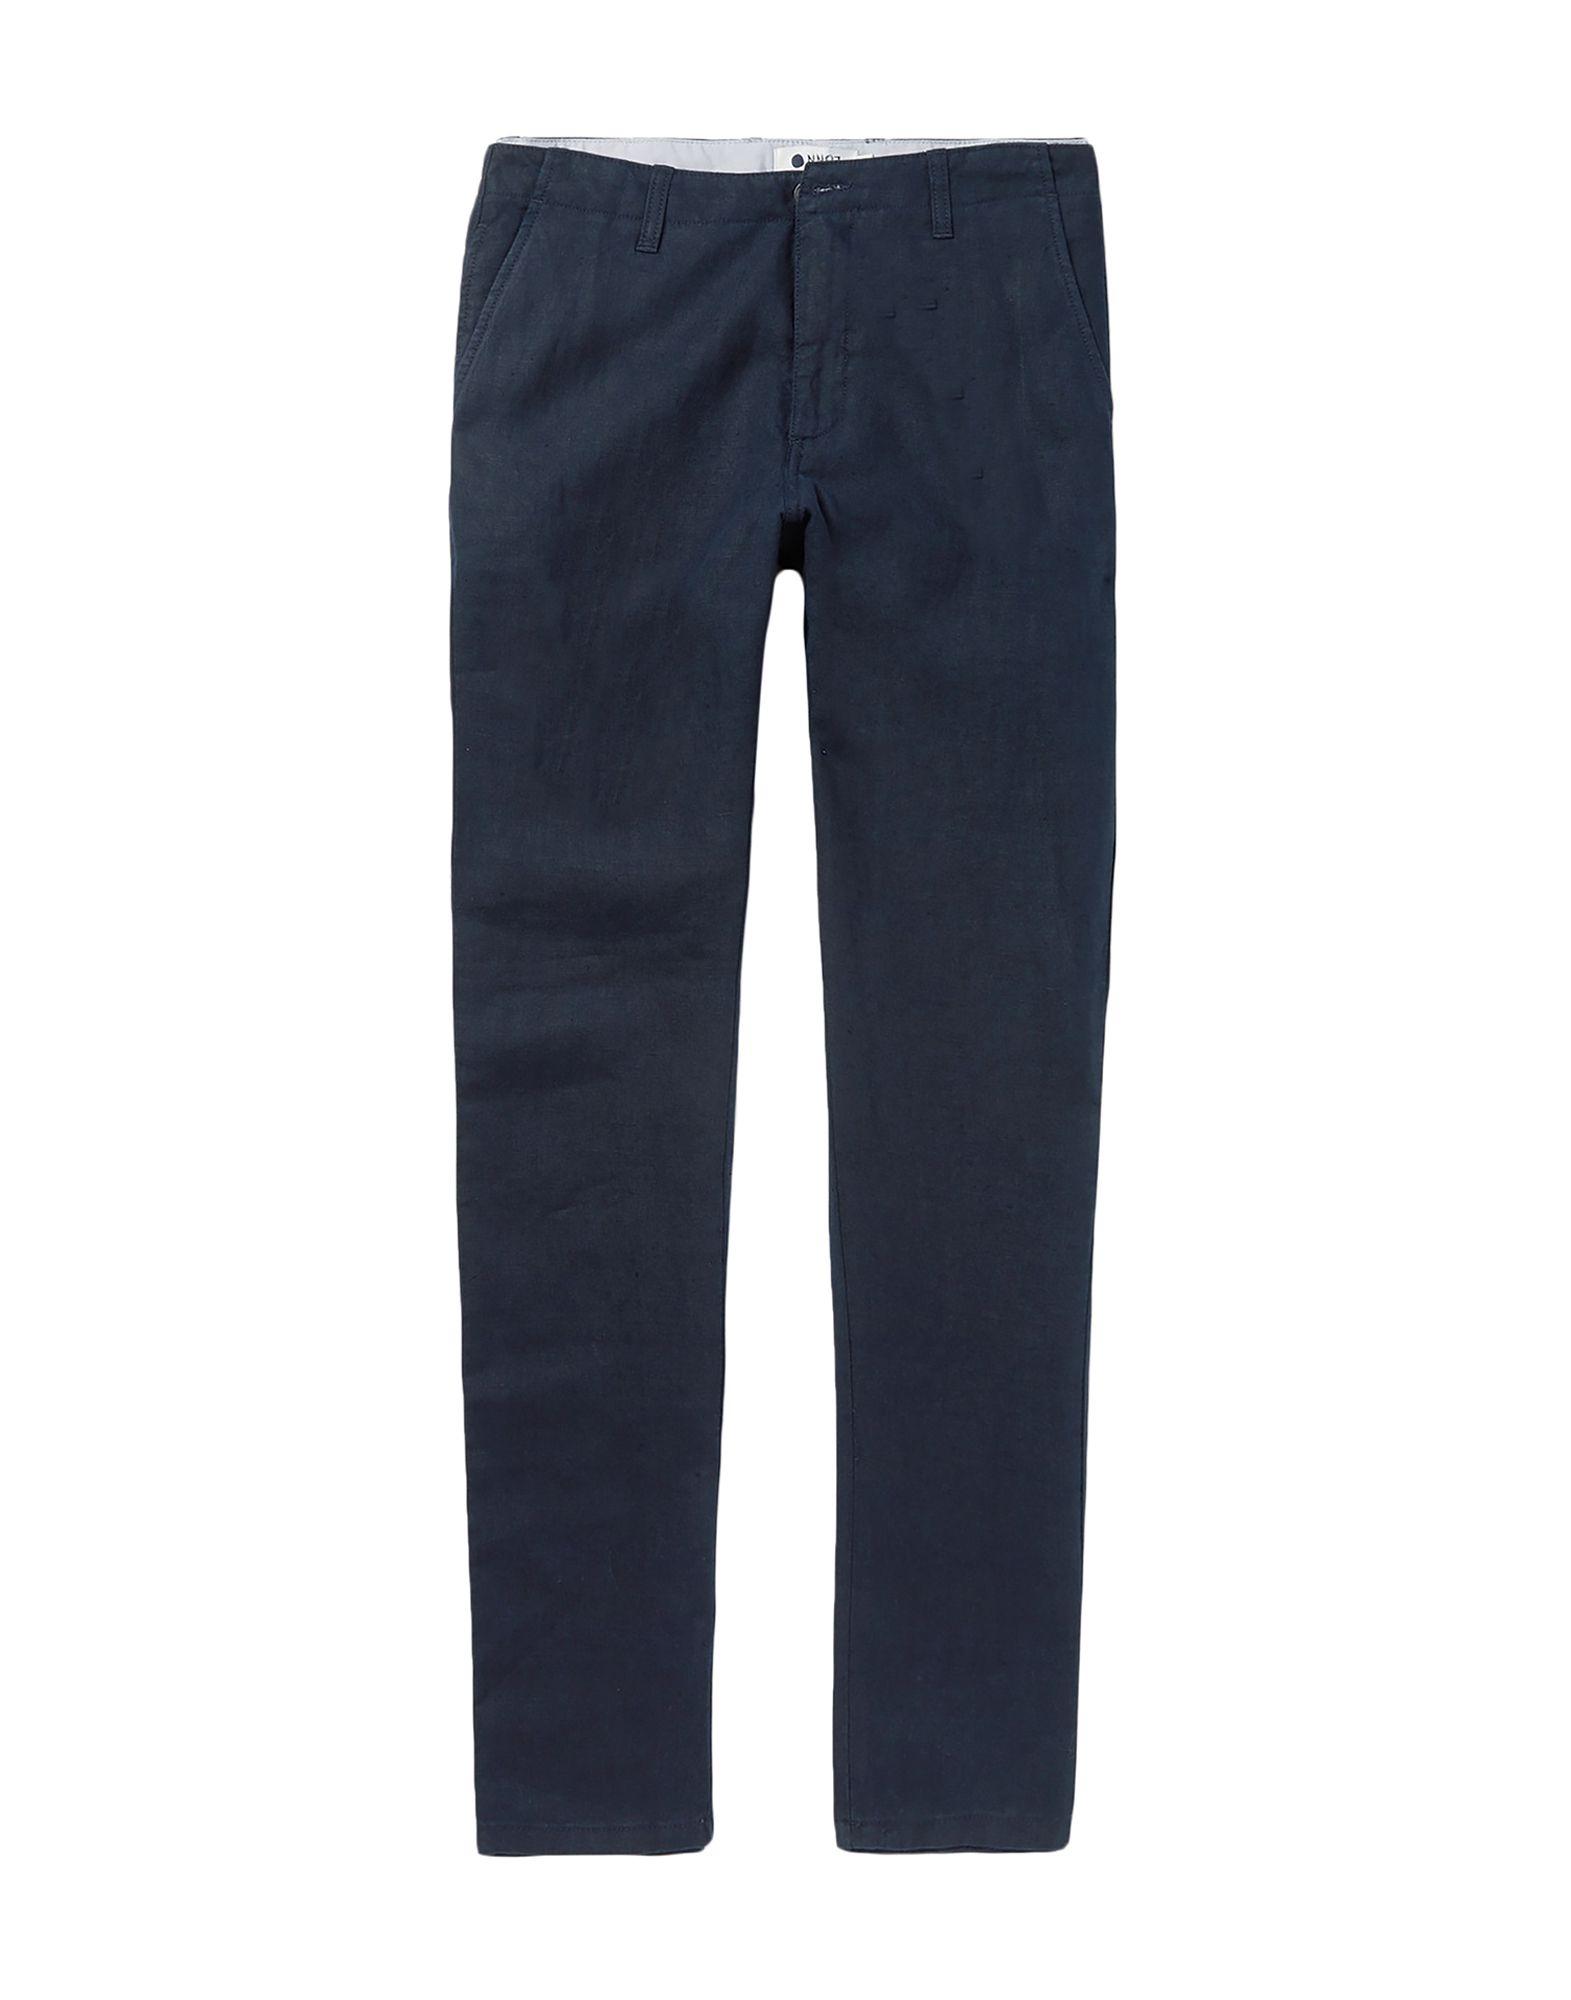 NN07 Повседневные брюки мэн траск шведские кроны xk3024 случайных брюки мужских брюки корейских моды случайного хаки брюки нога 30